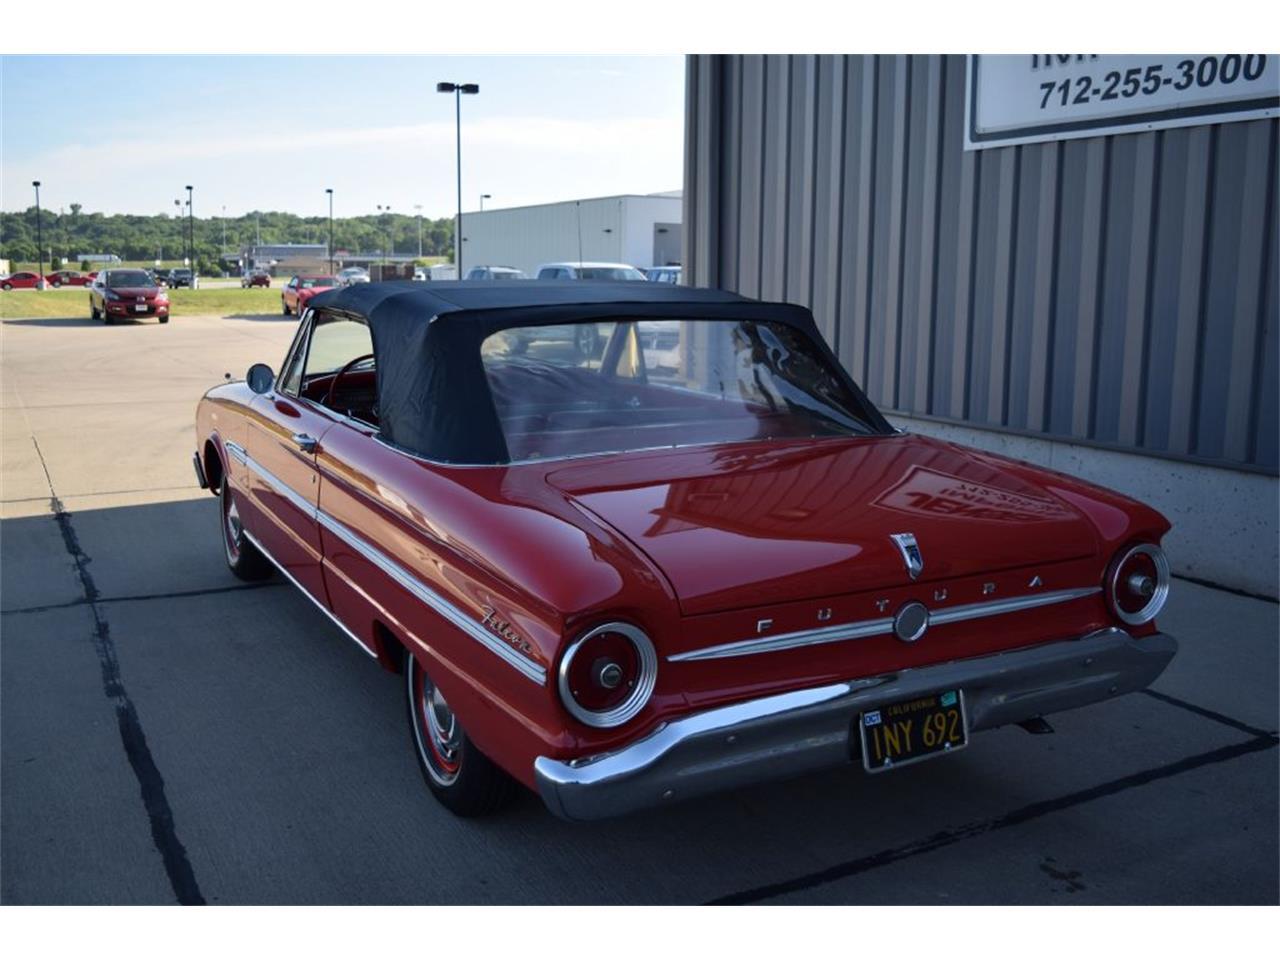 Large Picture of '63 Falcon Futura located in Iowa - $24,900.00 - LUN9